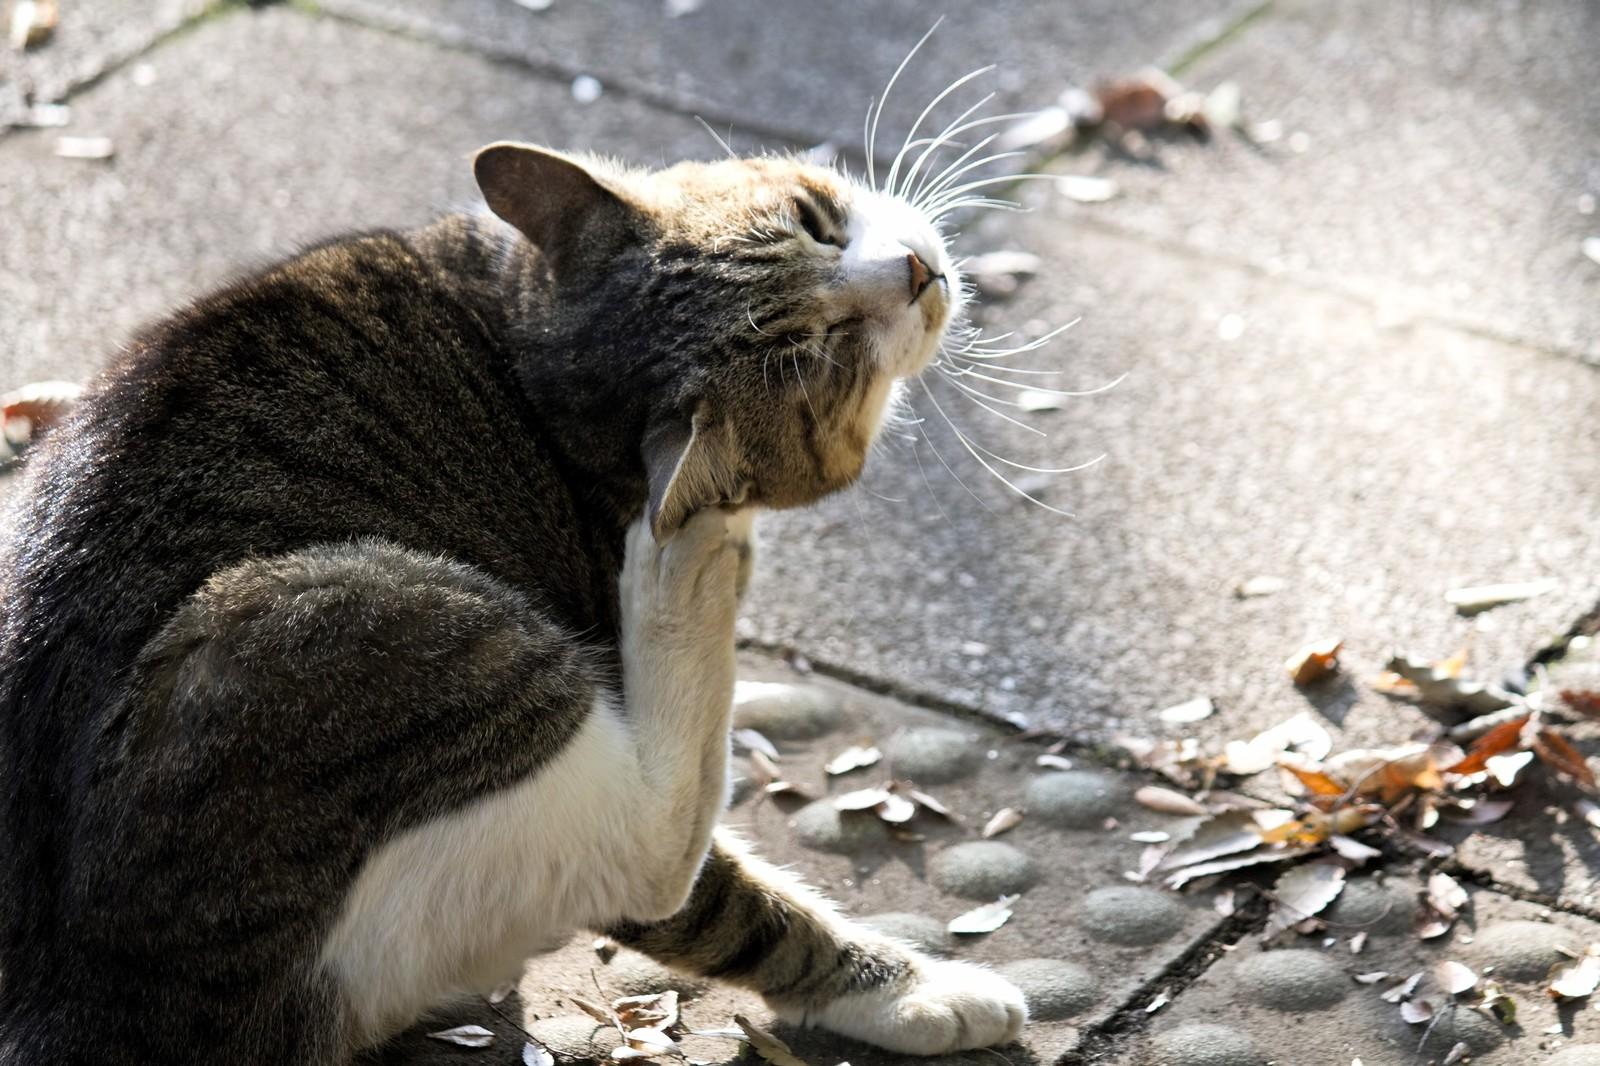 痒くてかわいそう…猫の皮膚アレルギーの原因と症状、対策について